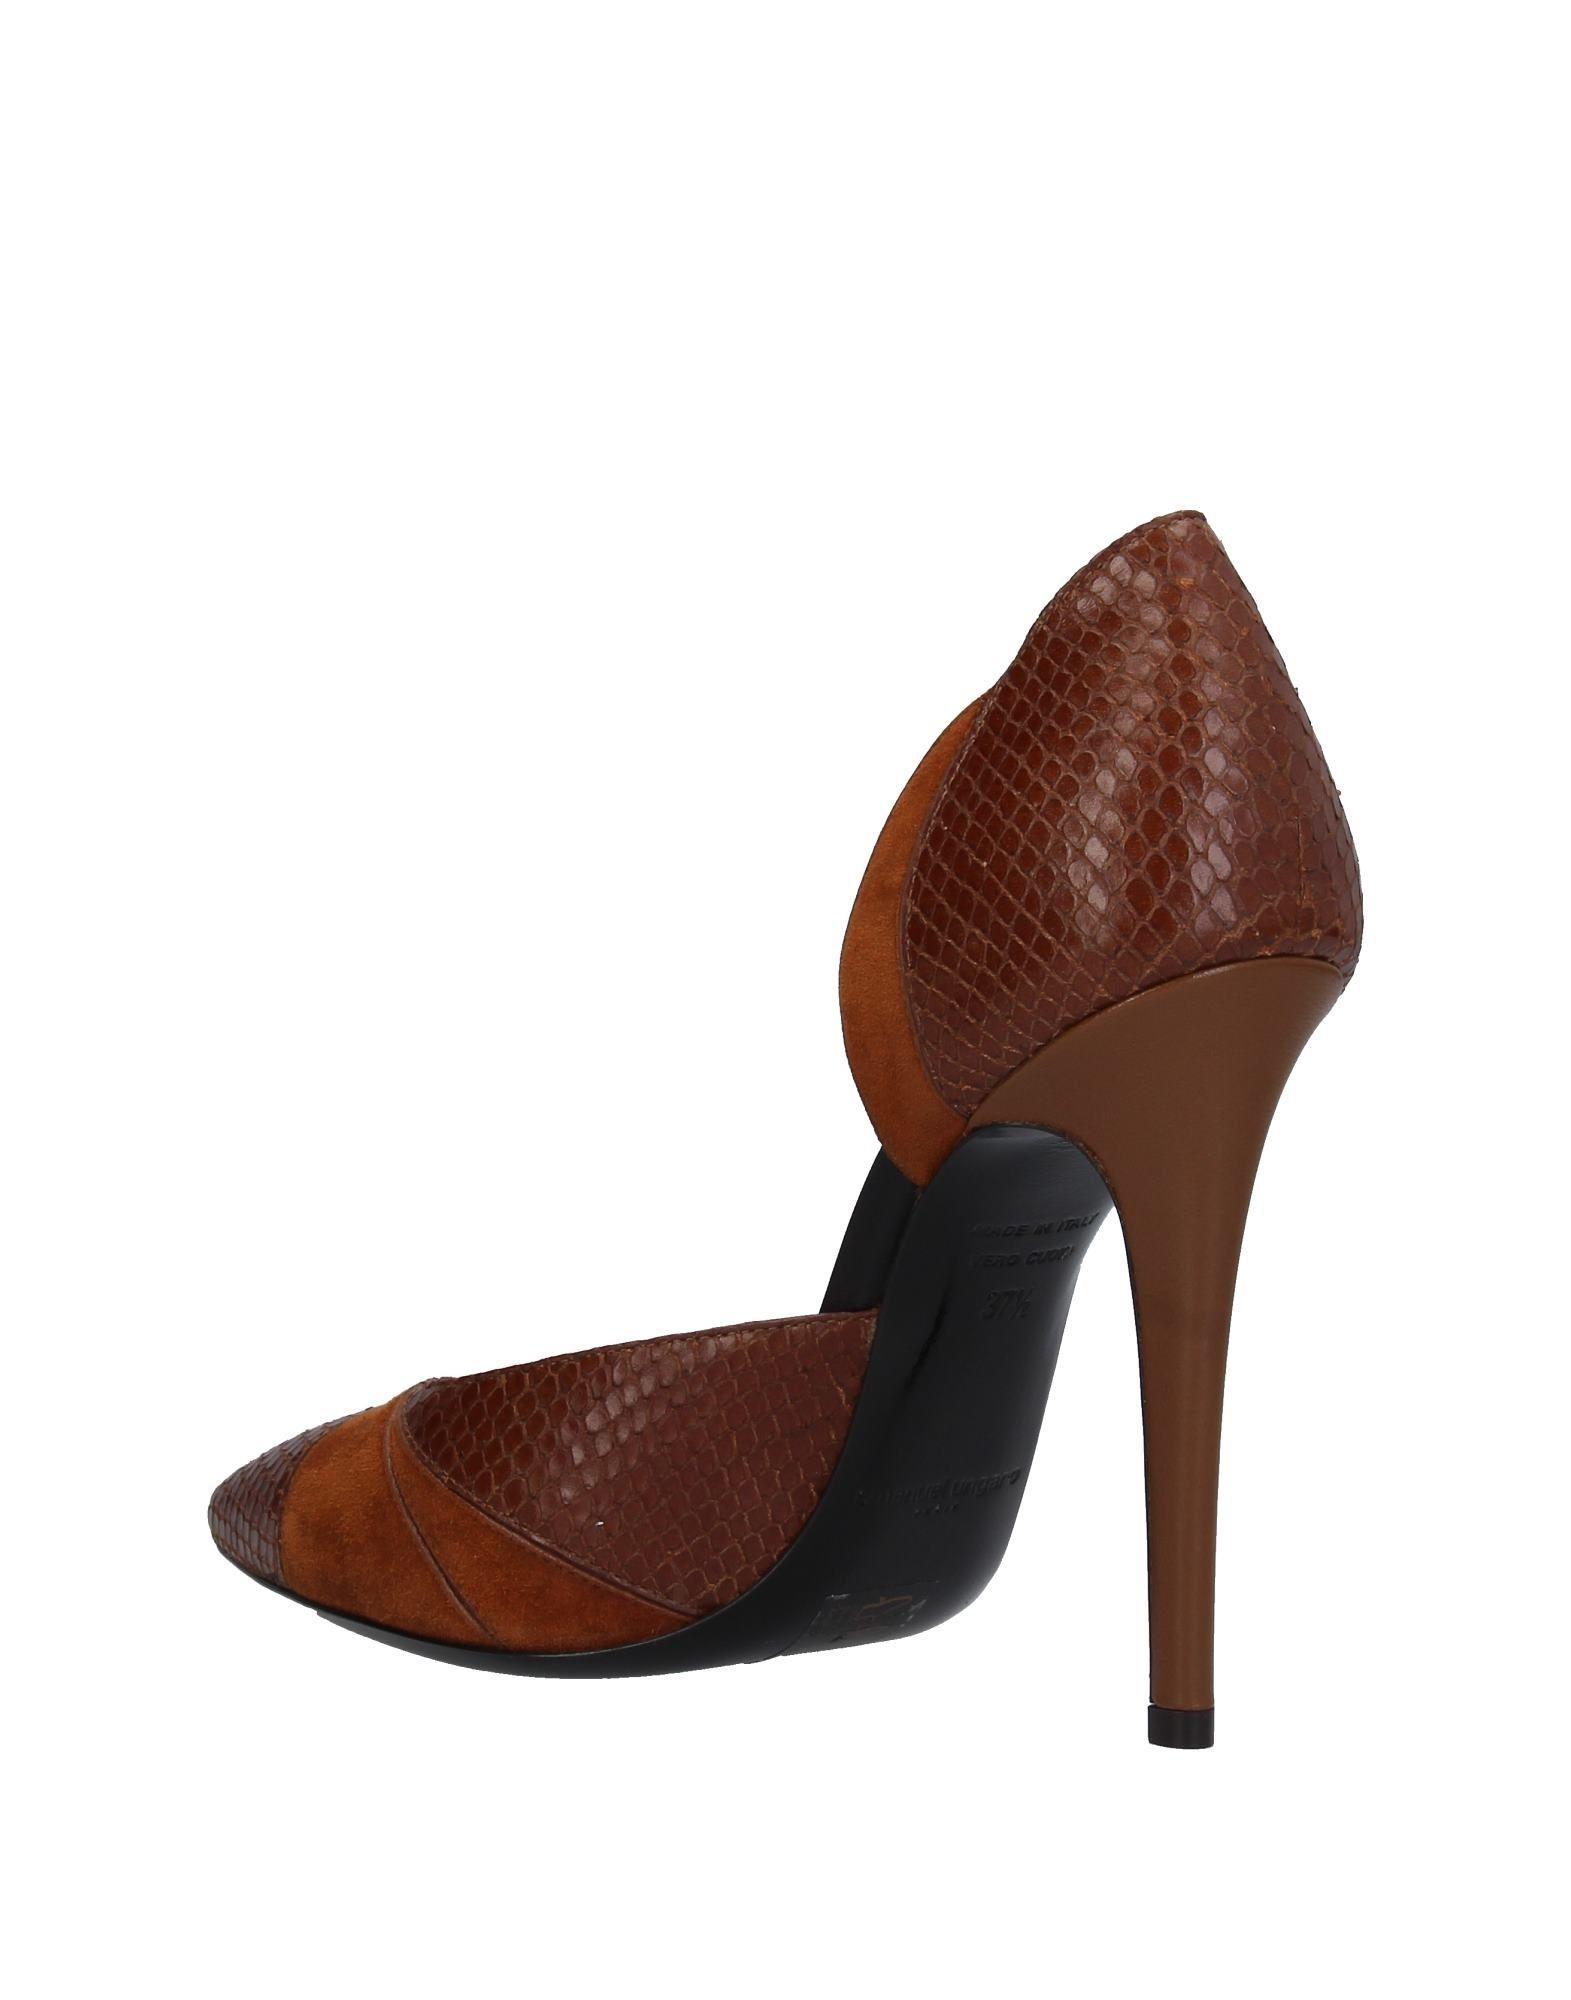 FOOTWEAR - Courts Emanuel Ungaro Sale Visit Cheap Sale Shop Offer wF0oUZh